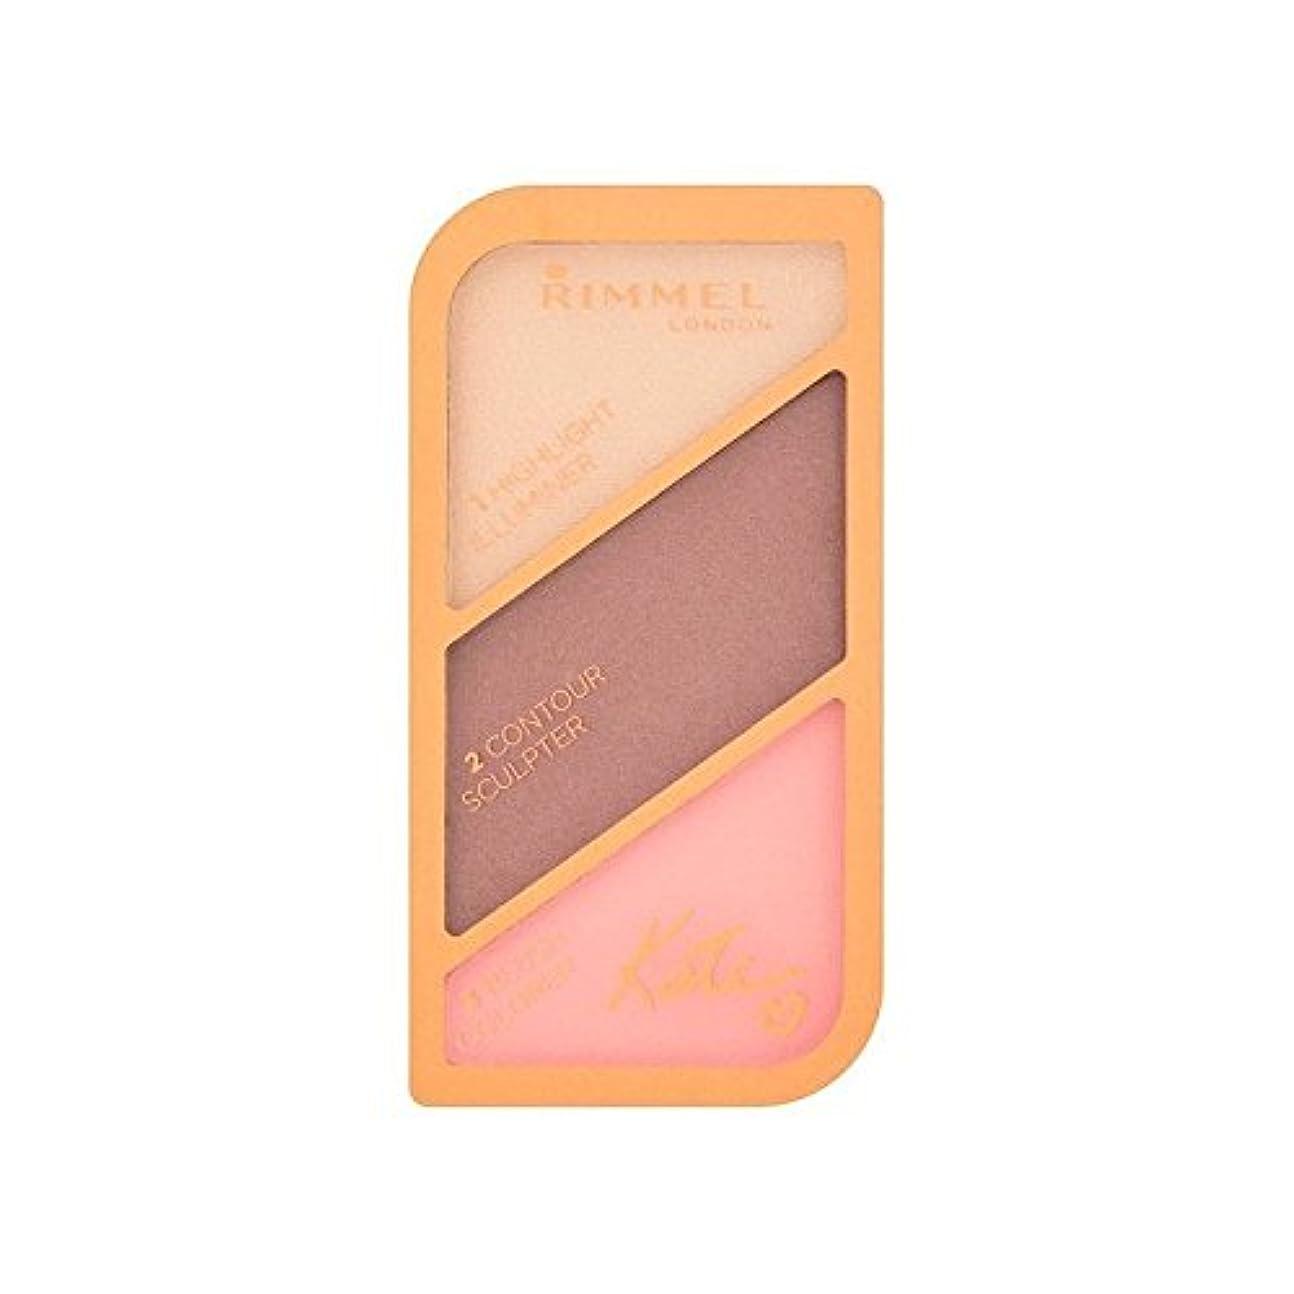 収縮告白家事をするRimmel Kate Moss Sculpting Palette Golden Bronze 003 (Pack of 6) - リンメルケイト?モスの彫刻パレット黄金のブロンズ003 x6 [並行輸入品]